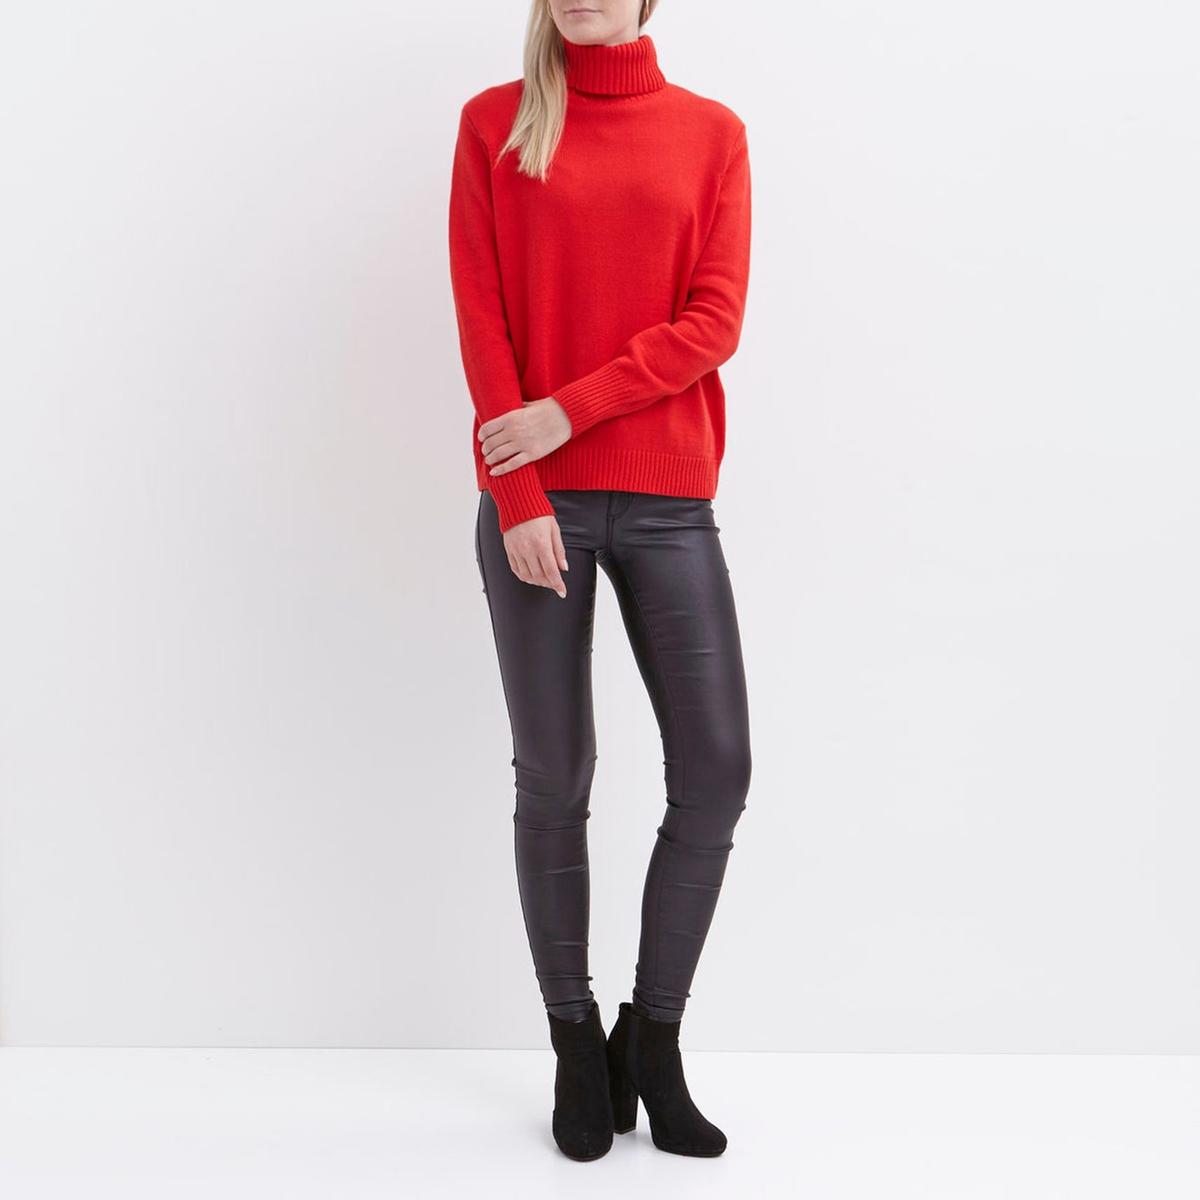 Пуловер с высоким воротникомДетали   •  Пуловер стандартный • Длинные рукава  •  Воротник с отворотом  •  Тонкий трикотаж Состав и уход   •  60% хлопка, 40% полиамида • Просьба следовать советам по уходу, указанным на этикетке изделия<br><br>Цвет: красный<br>Размер: XS.S